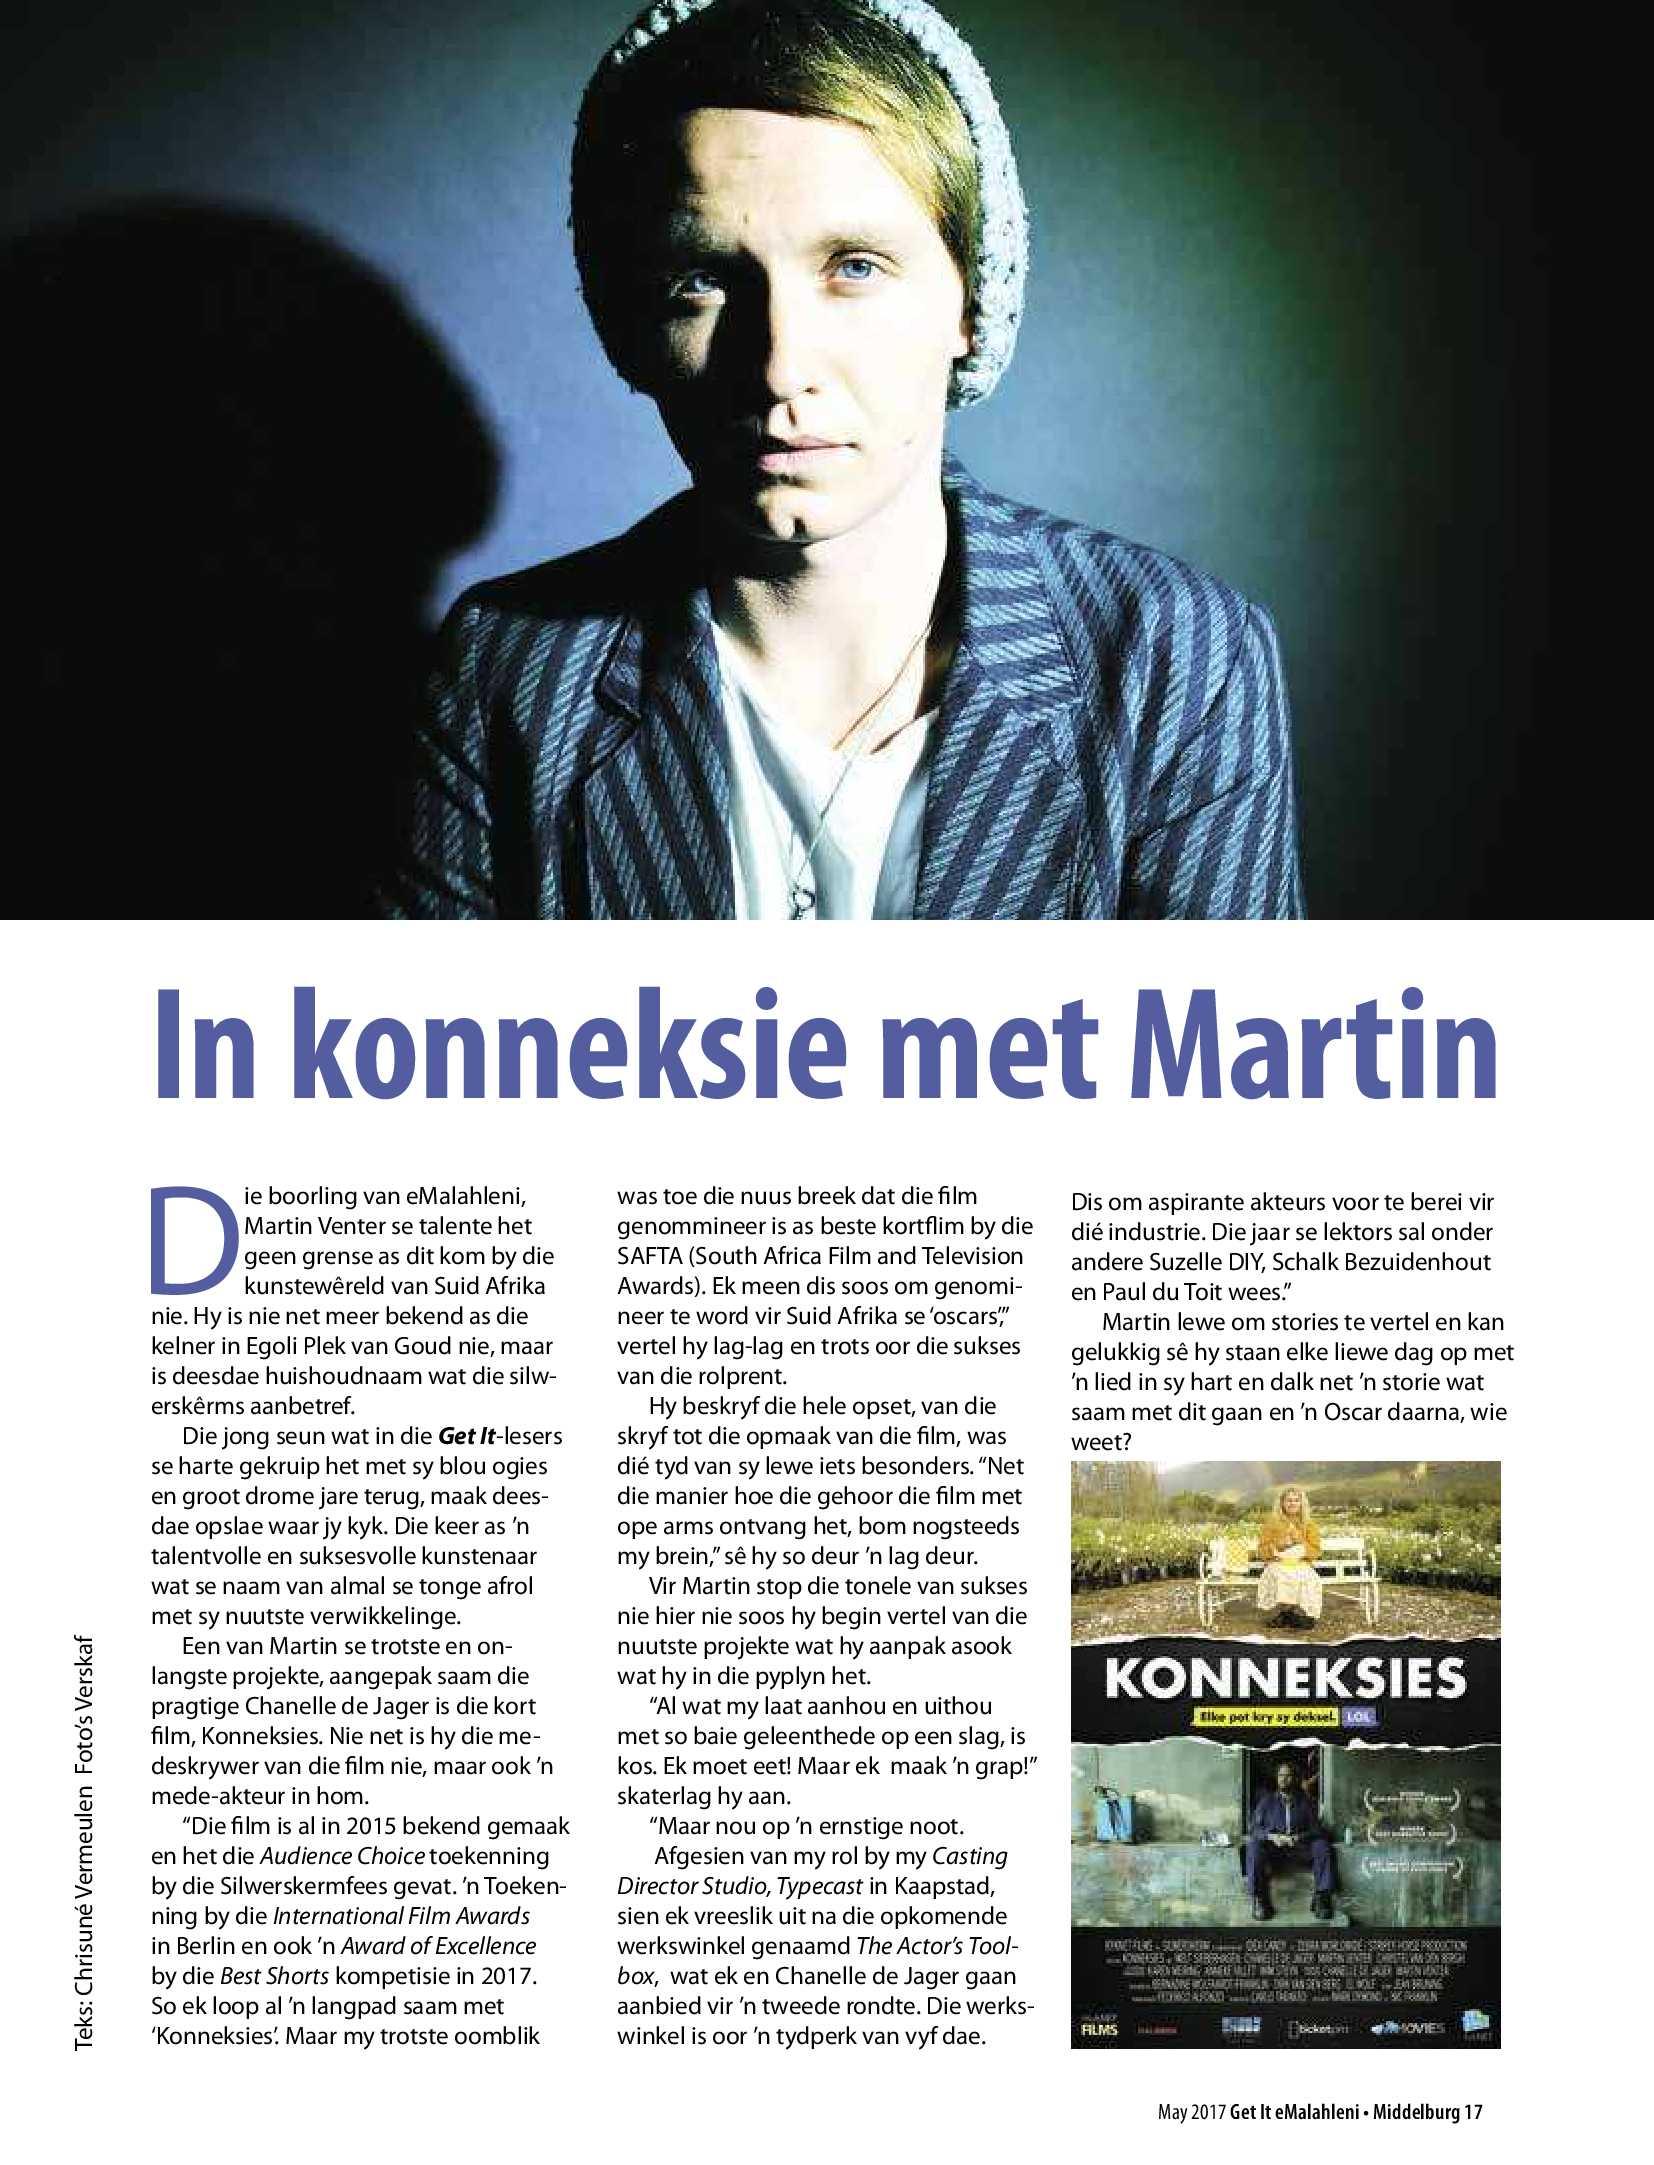 get-middelburg-may-2017-epapers-page-19